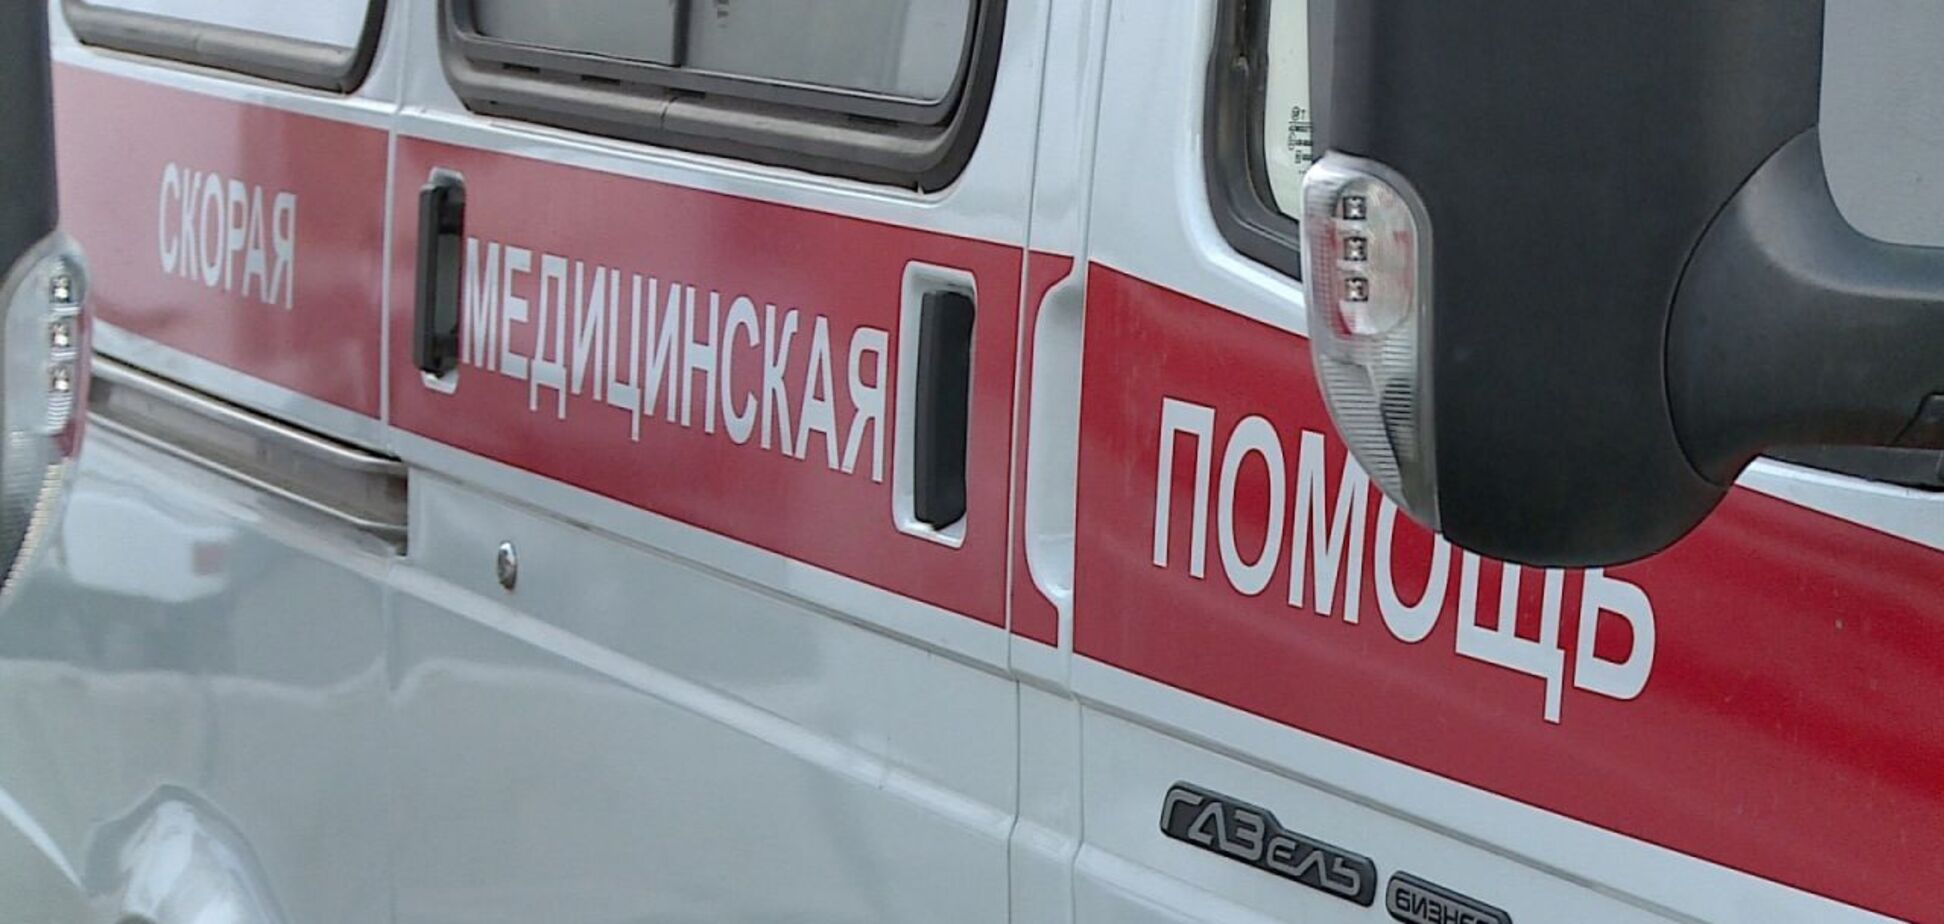 Поліція розкрила подробиці смертельної поножовщини в центрі Дніпра. Відео